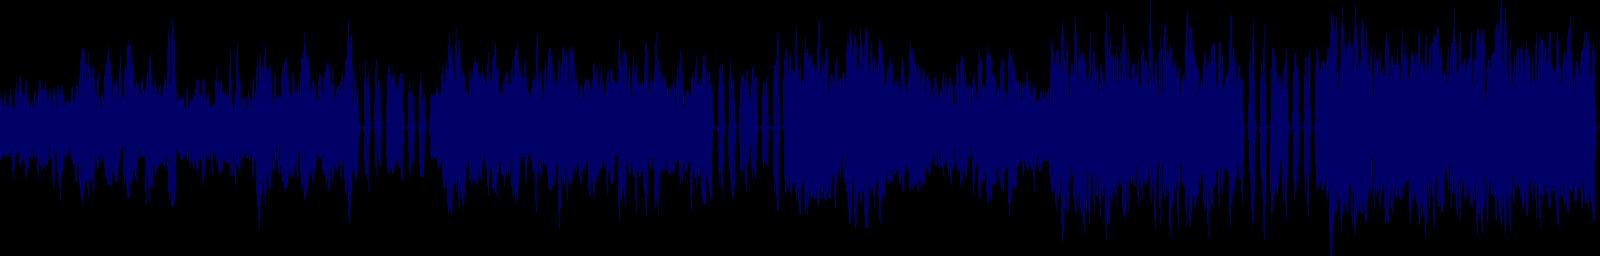 waveform of track #150097